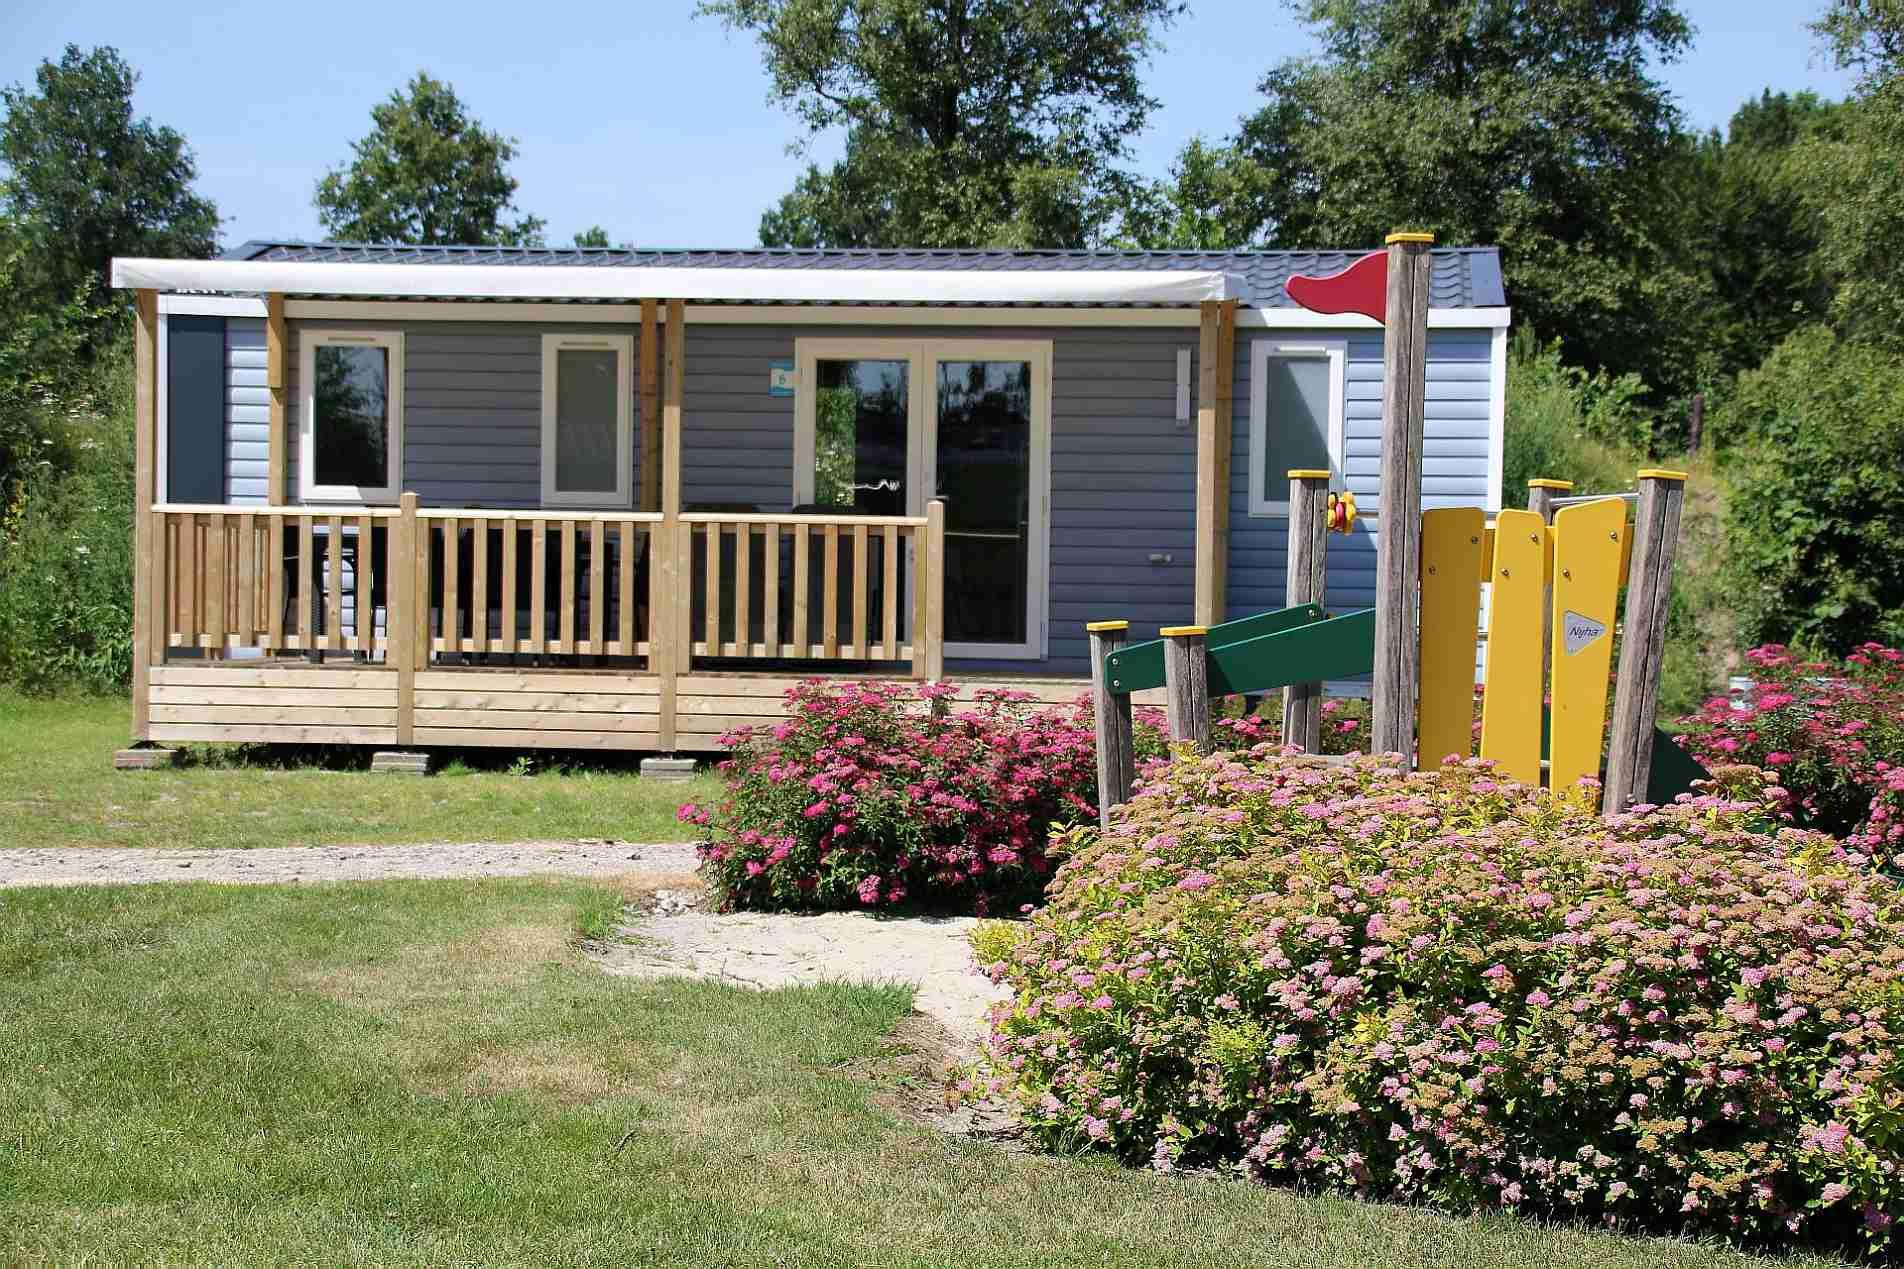 5-Sterne Ferienpark in Overijssel mit großem Badesee - Ferienpark in Overijssel